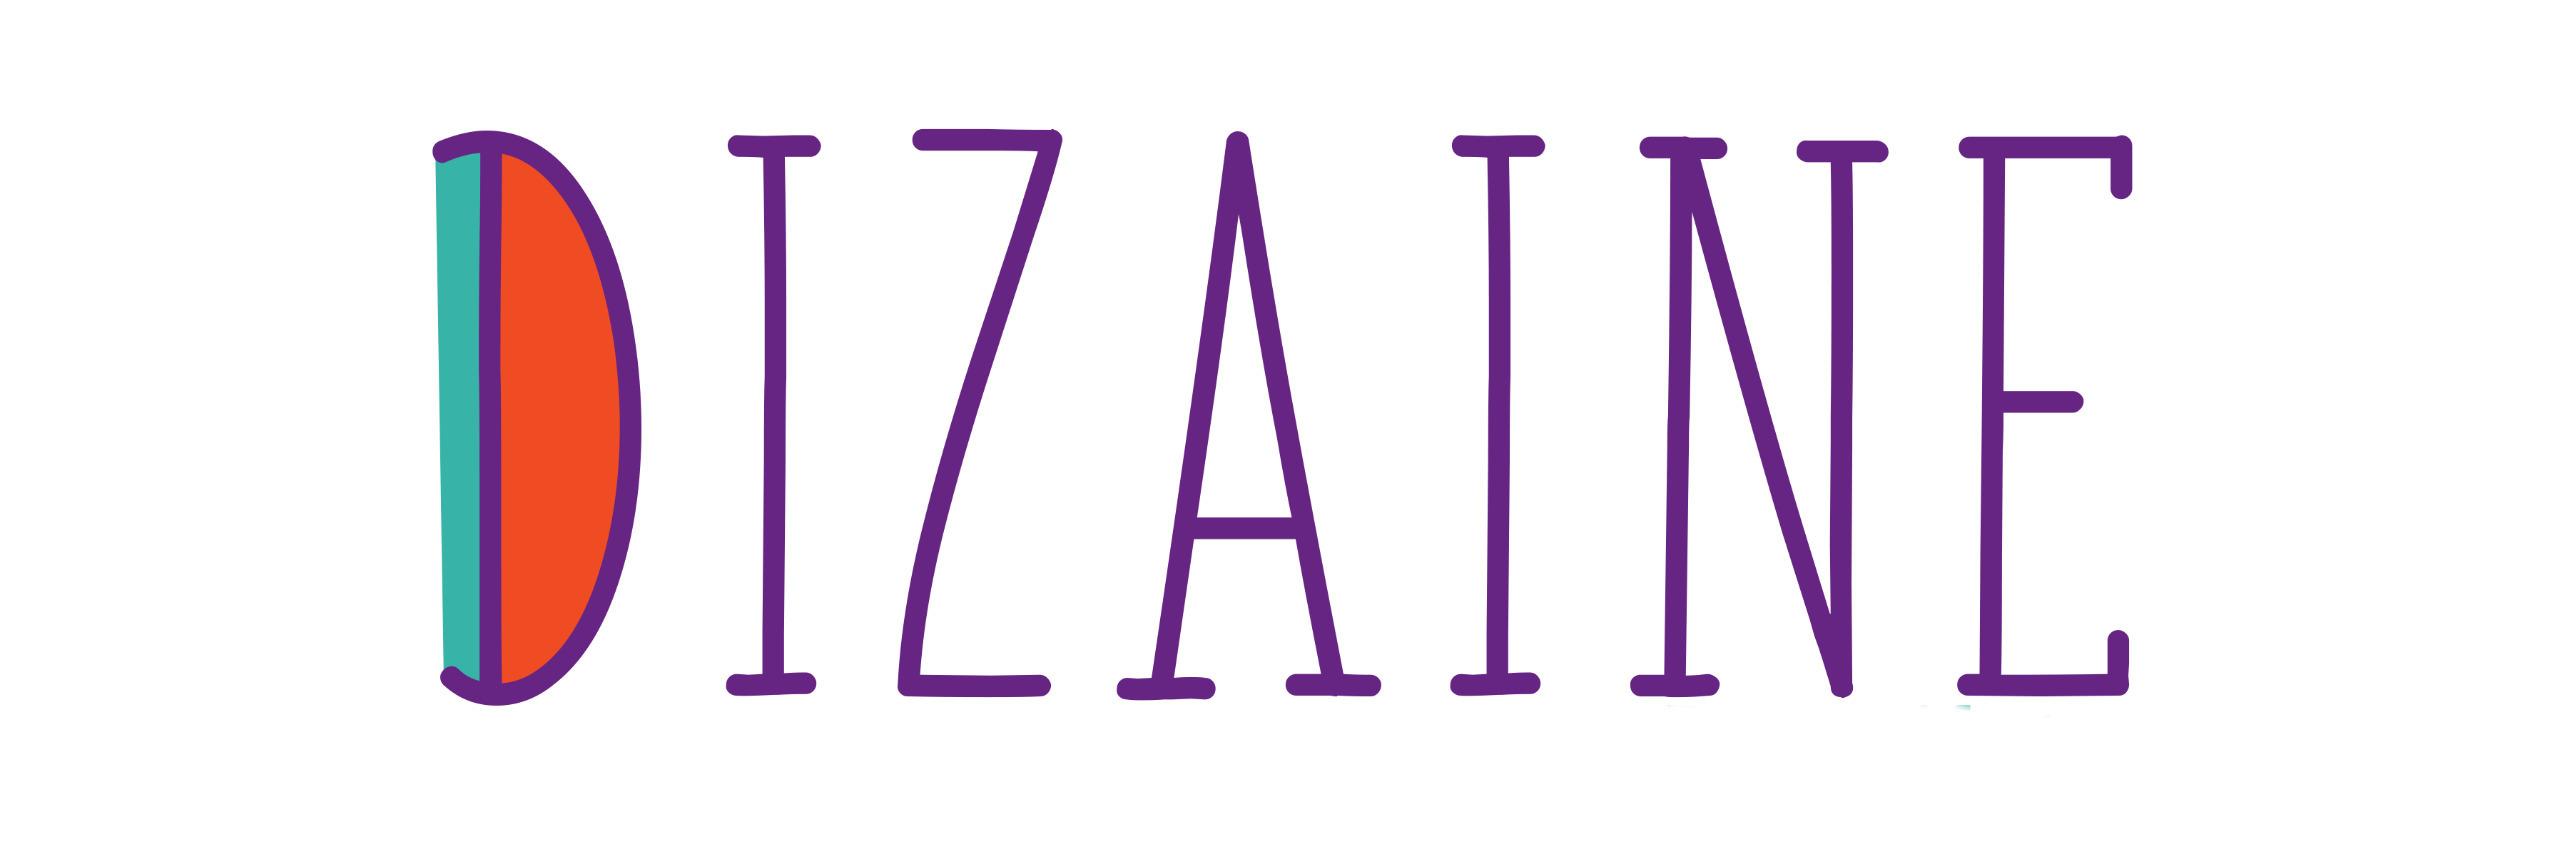 Dizaine (@dizaine) Cover Image